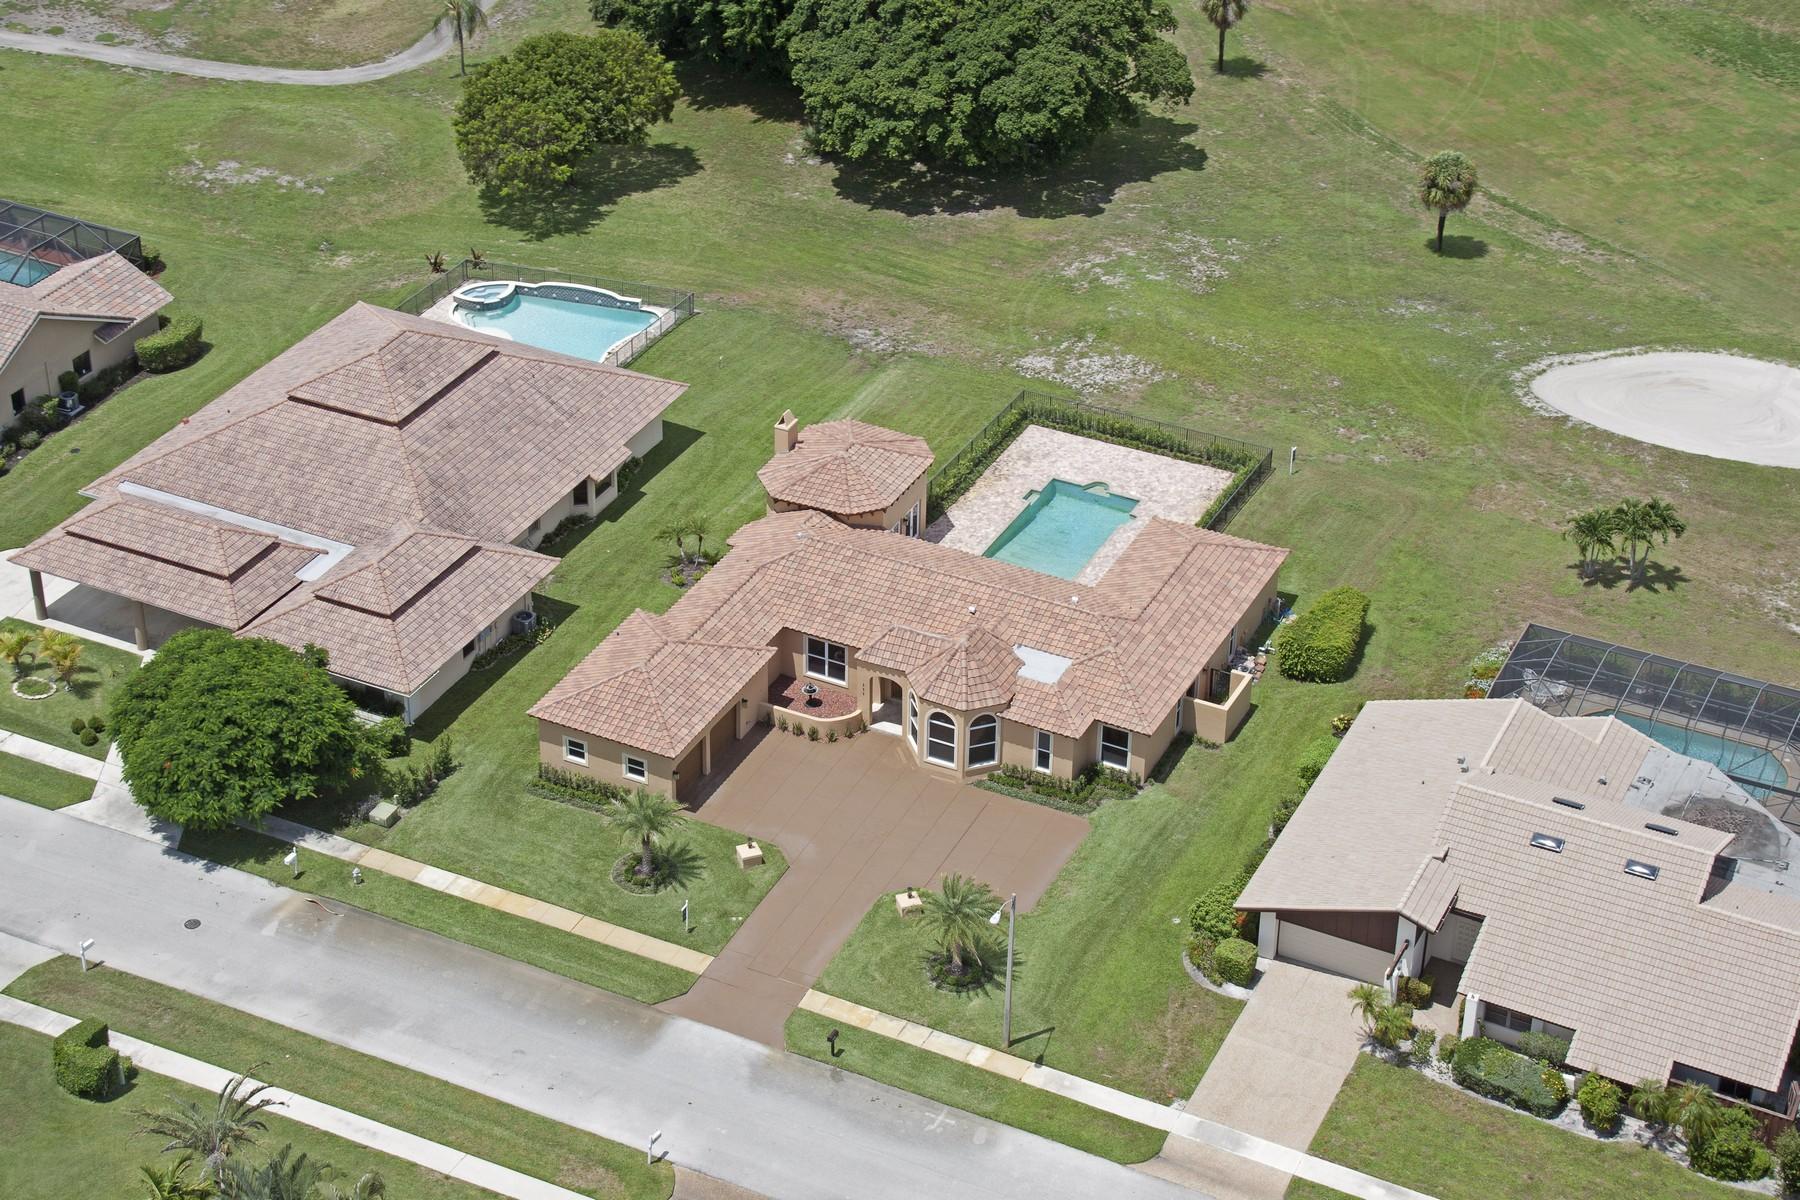 Maison unifamiliale pour l Vente à 255 NW 64th St , Boca Raton, FL 33487 Boca Raton, Florida 33487 États-Unis